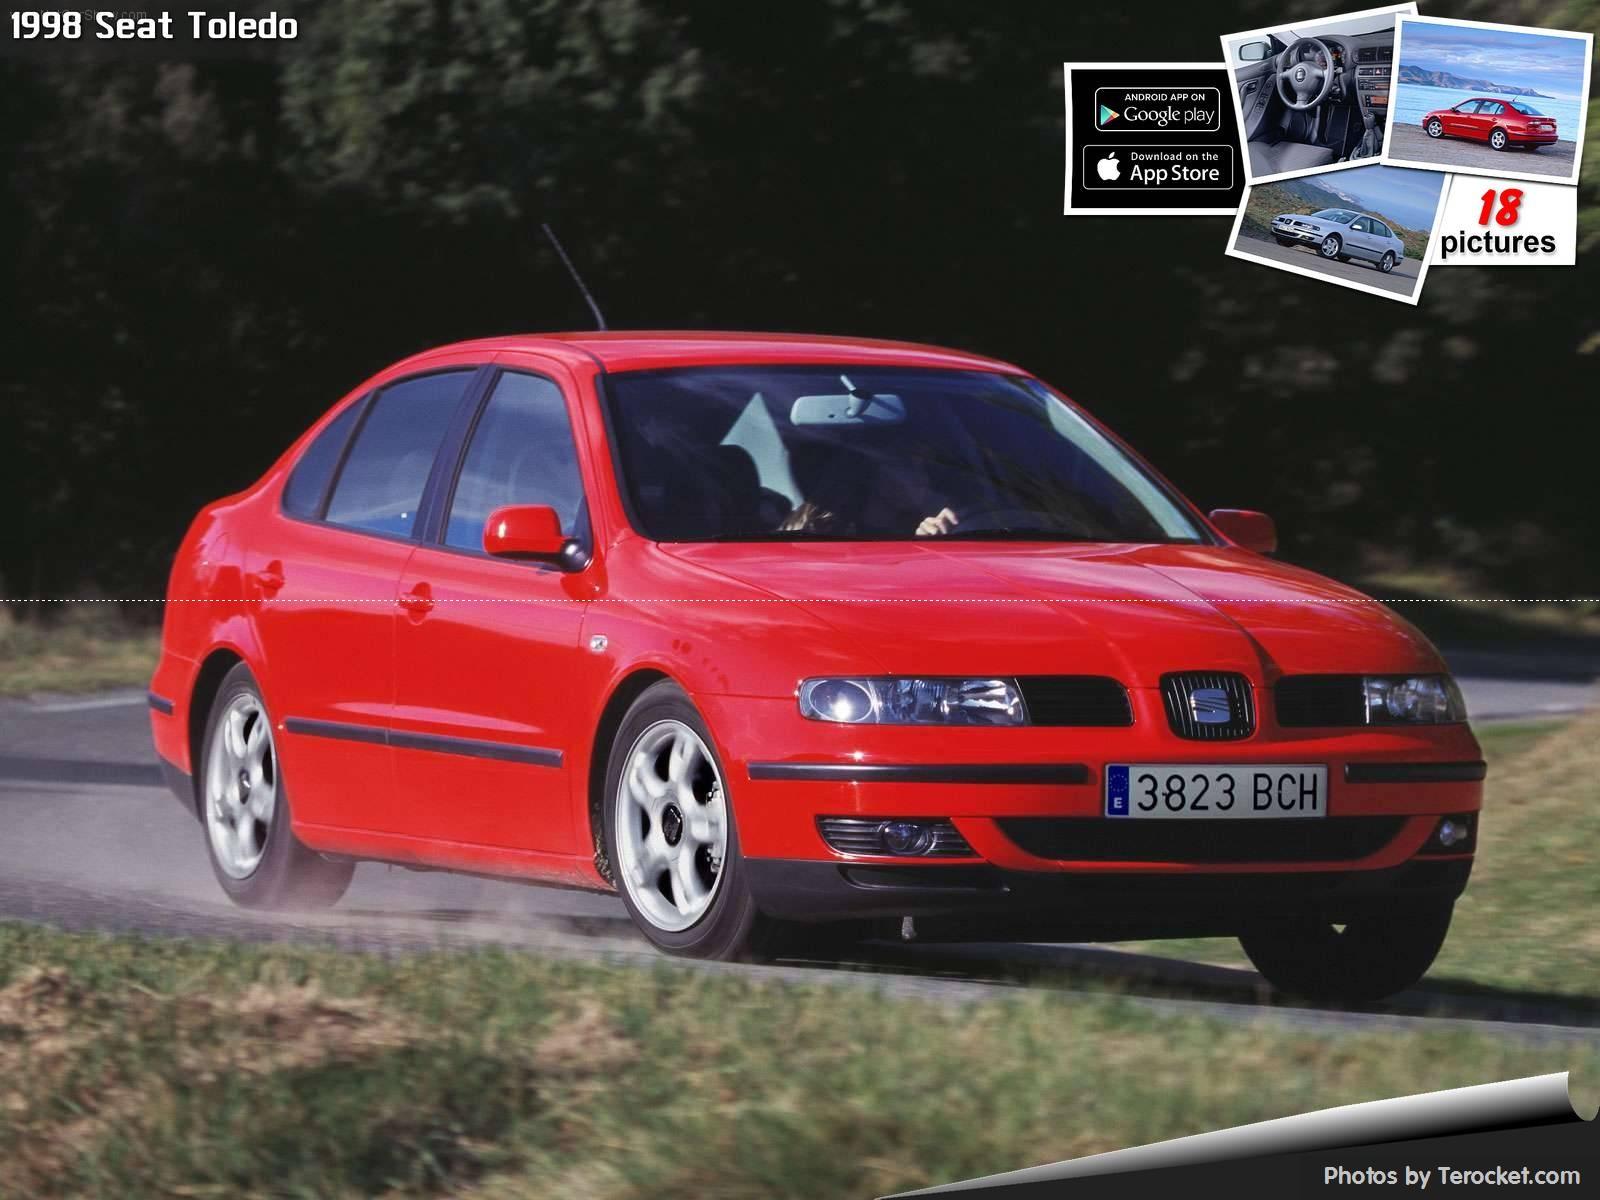 Hình ảnh xe ô tô Seat Toledo 1998 & nội ngoại thất